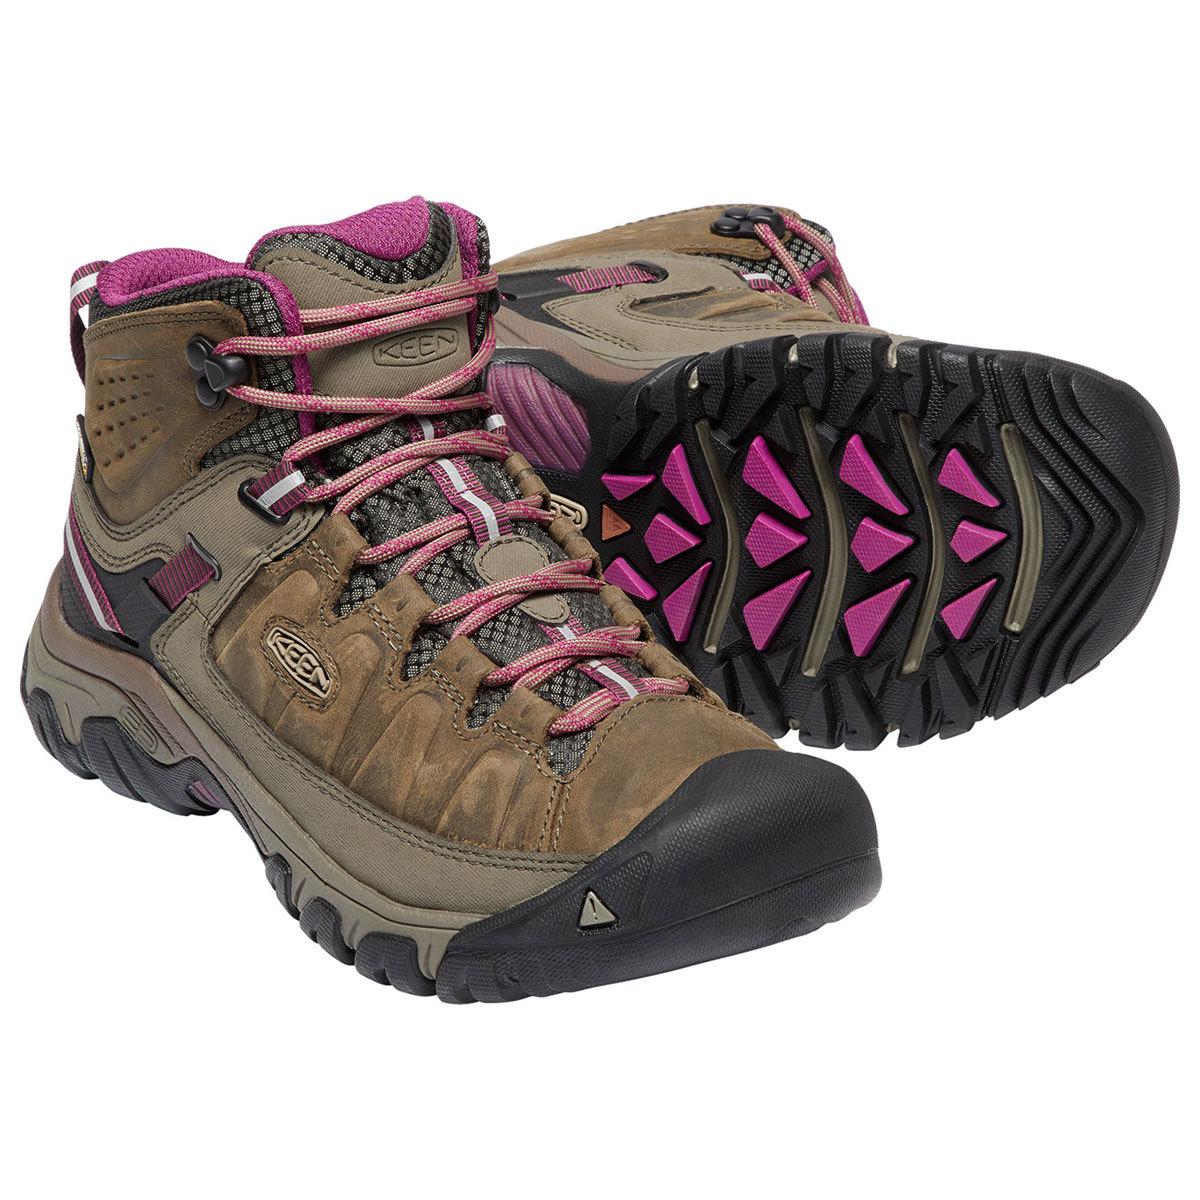 Targhee III Waterproof Mid Hiking Boots